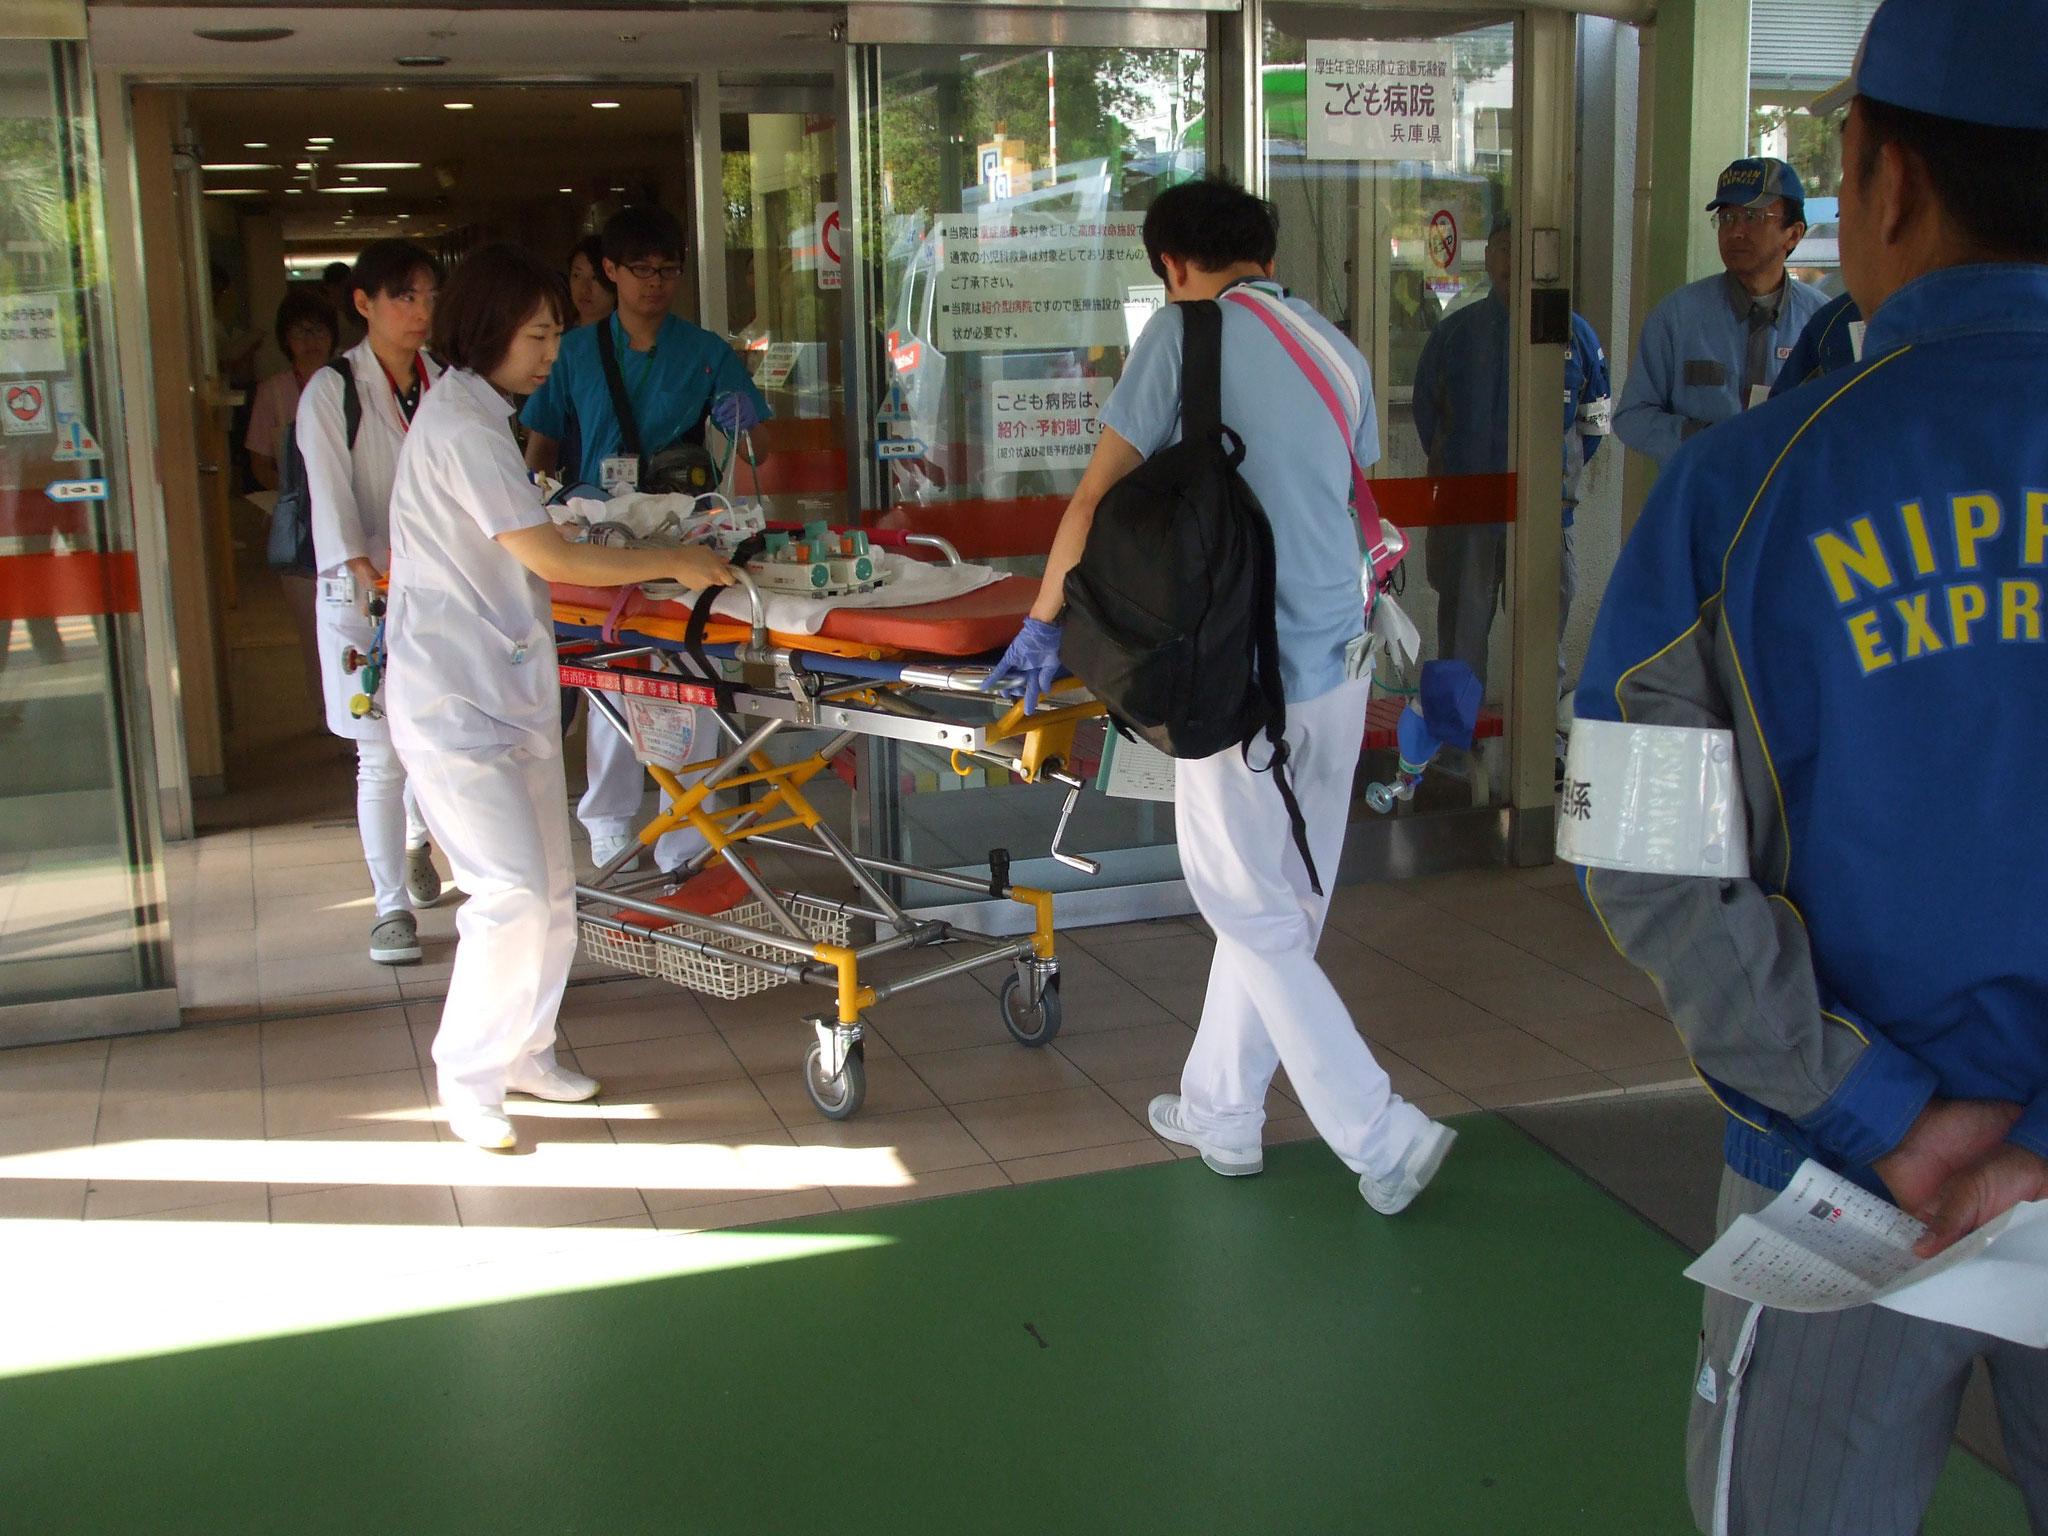 兵庫県立こども病院玄関から小児患者が搬送車へ乗車